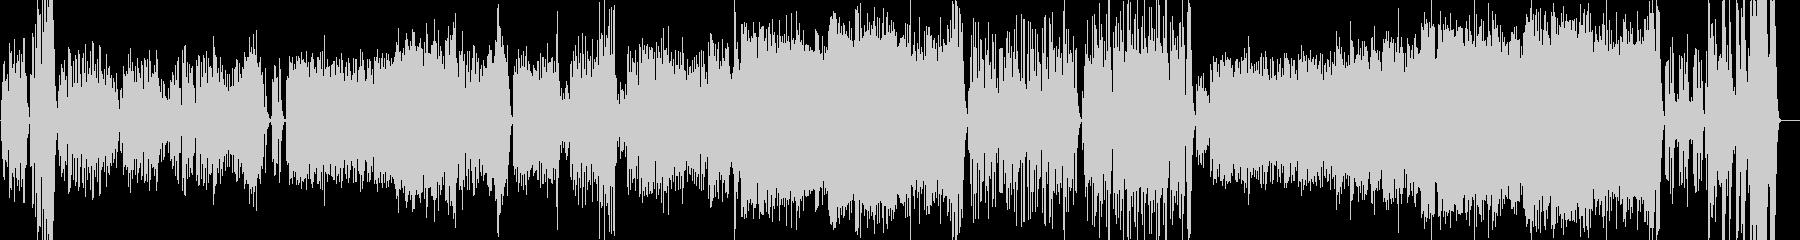 ゆったりとして上品なオーケストラワルツの未再生の波形